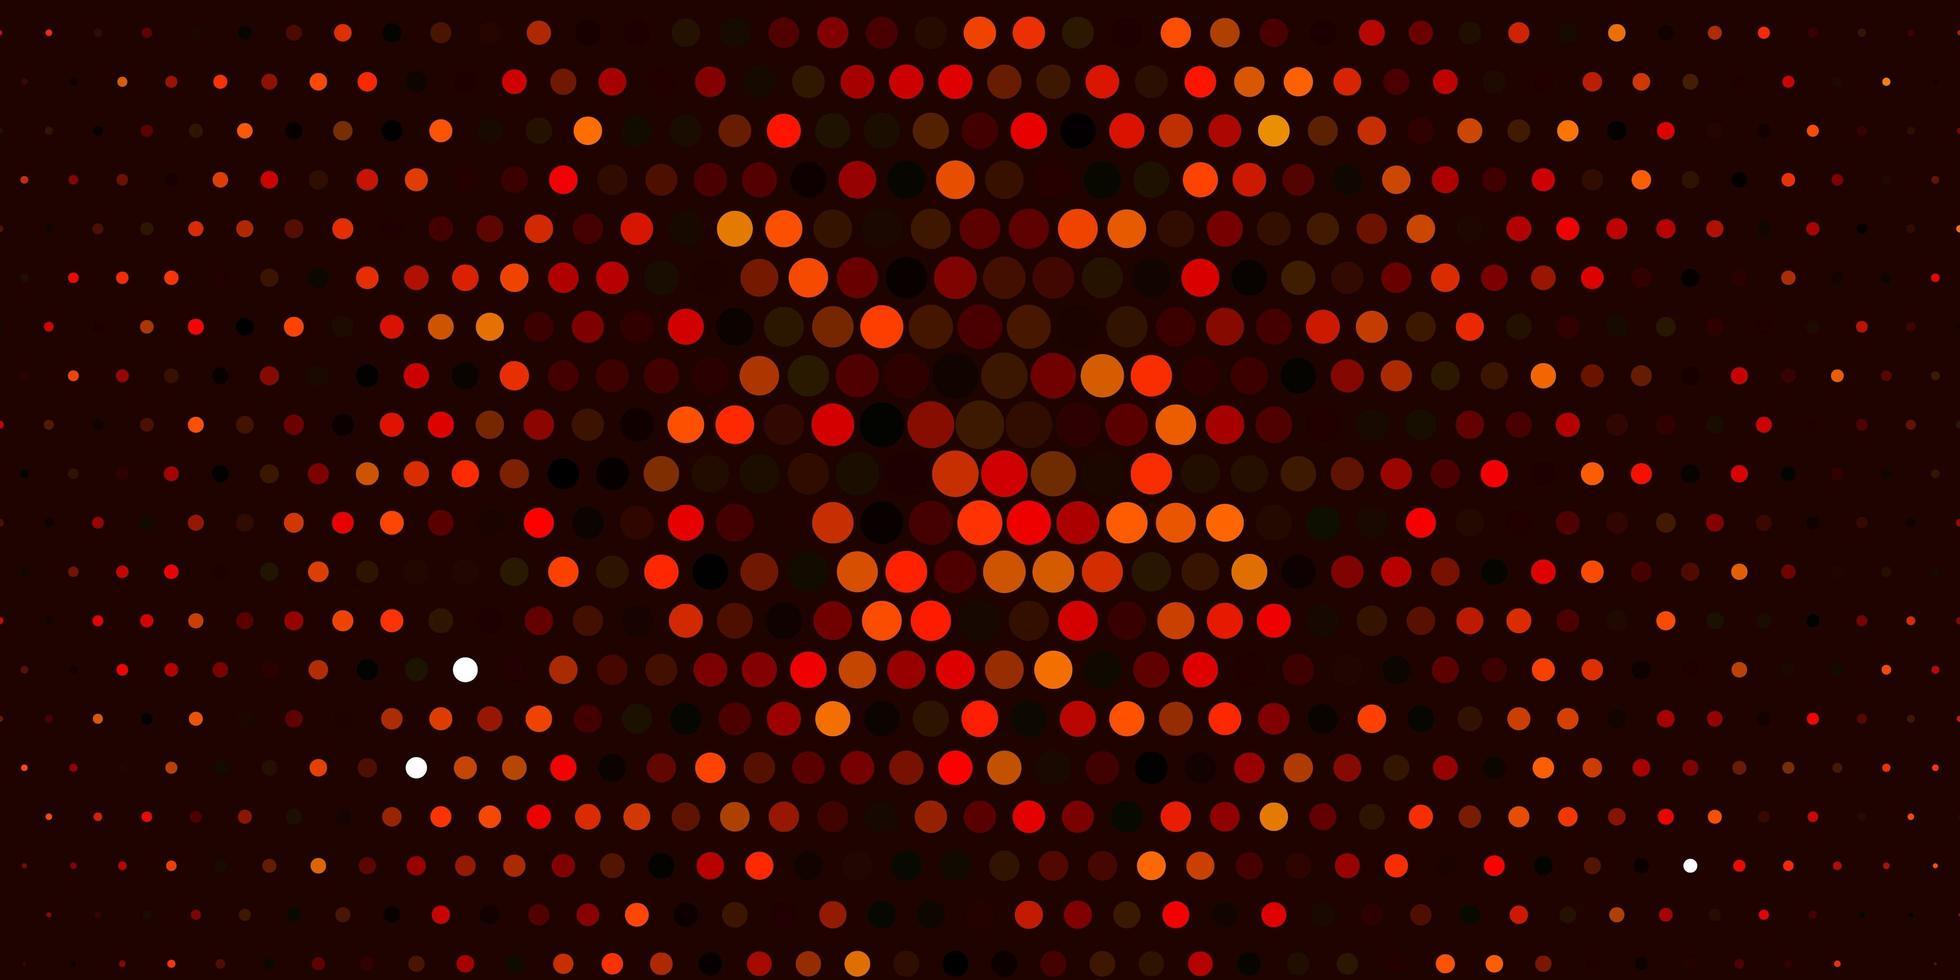 lichtoranje vectorlay-out met cirkelvormen. vector